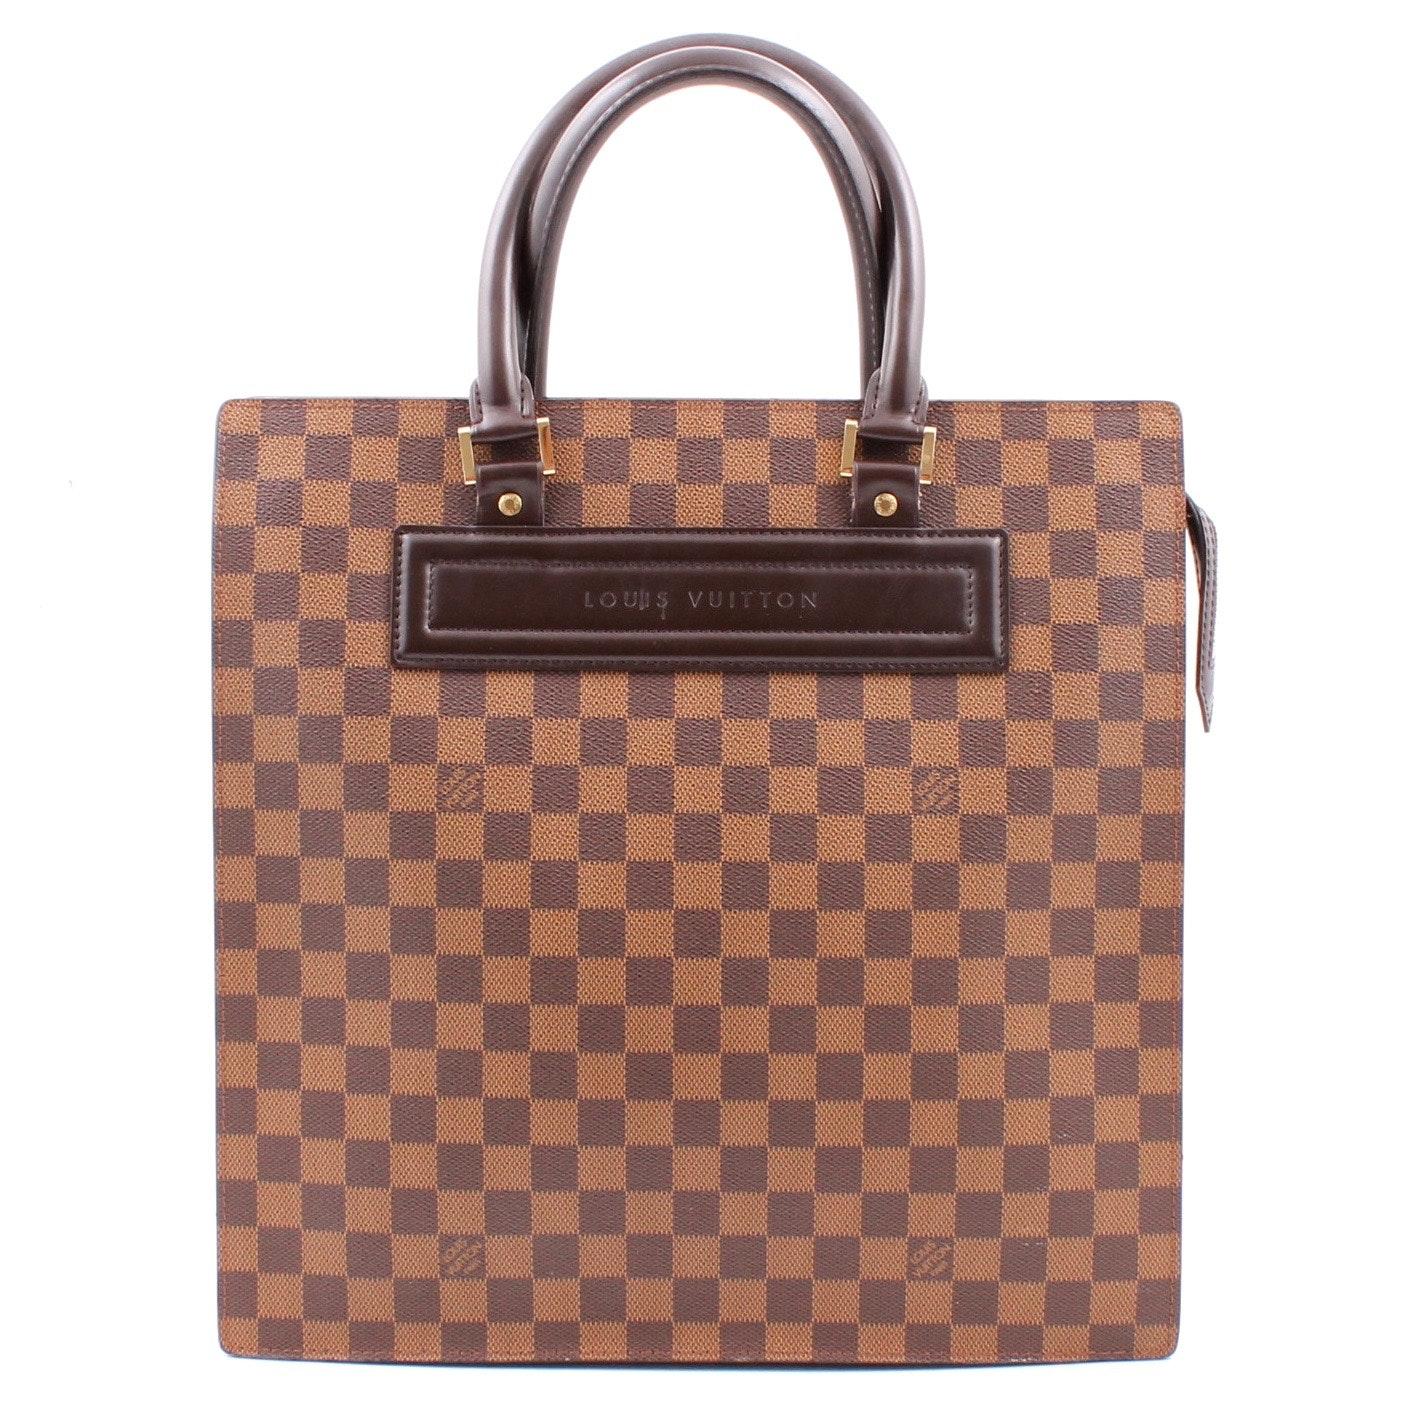 Louis Vuitton Damier Ebene Sac Plat Tote Bag